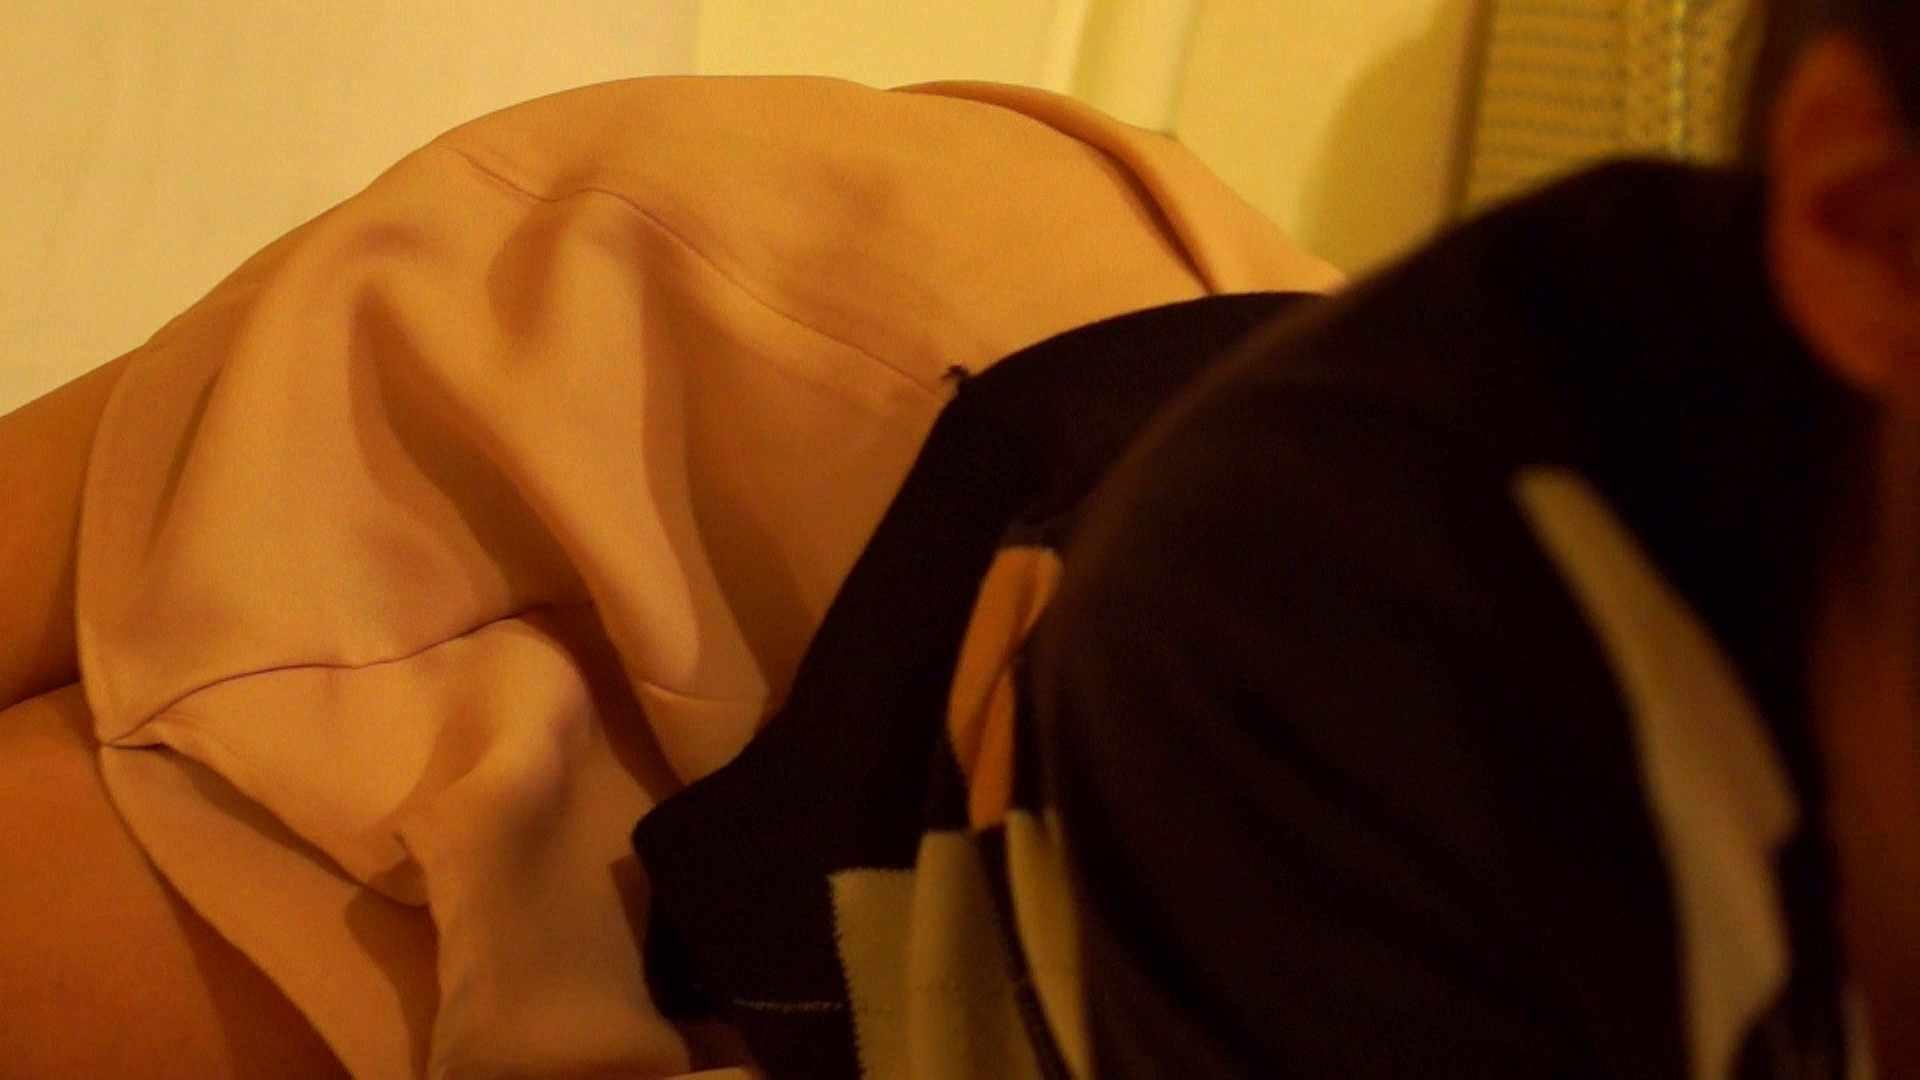 無修正エロ動画:vol.14 照れながらもHな顔をしてくれました。:大奥